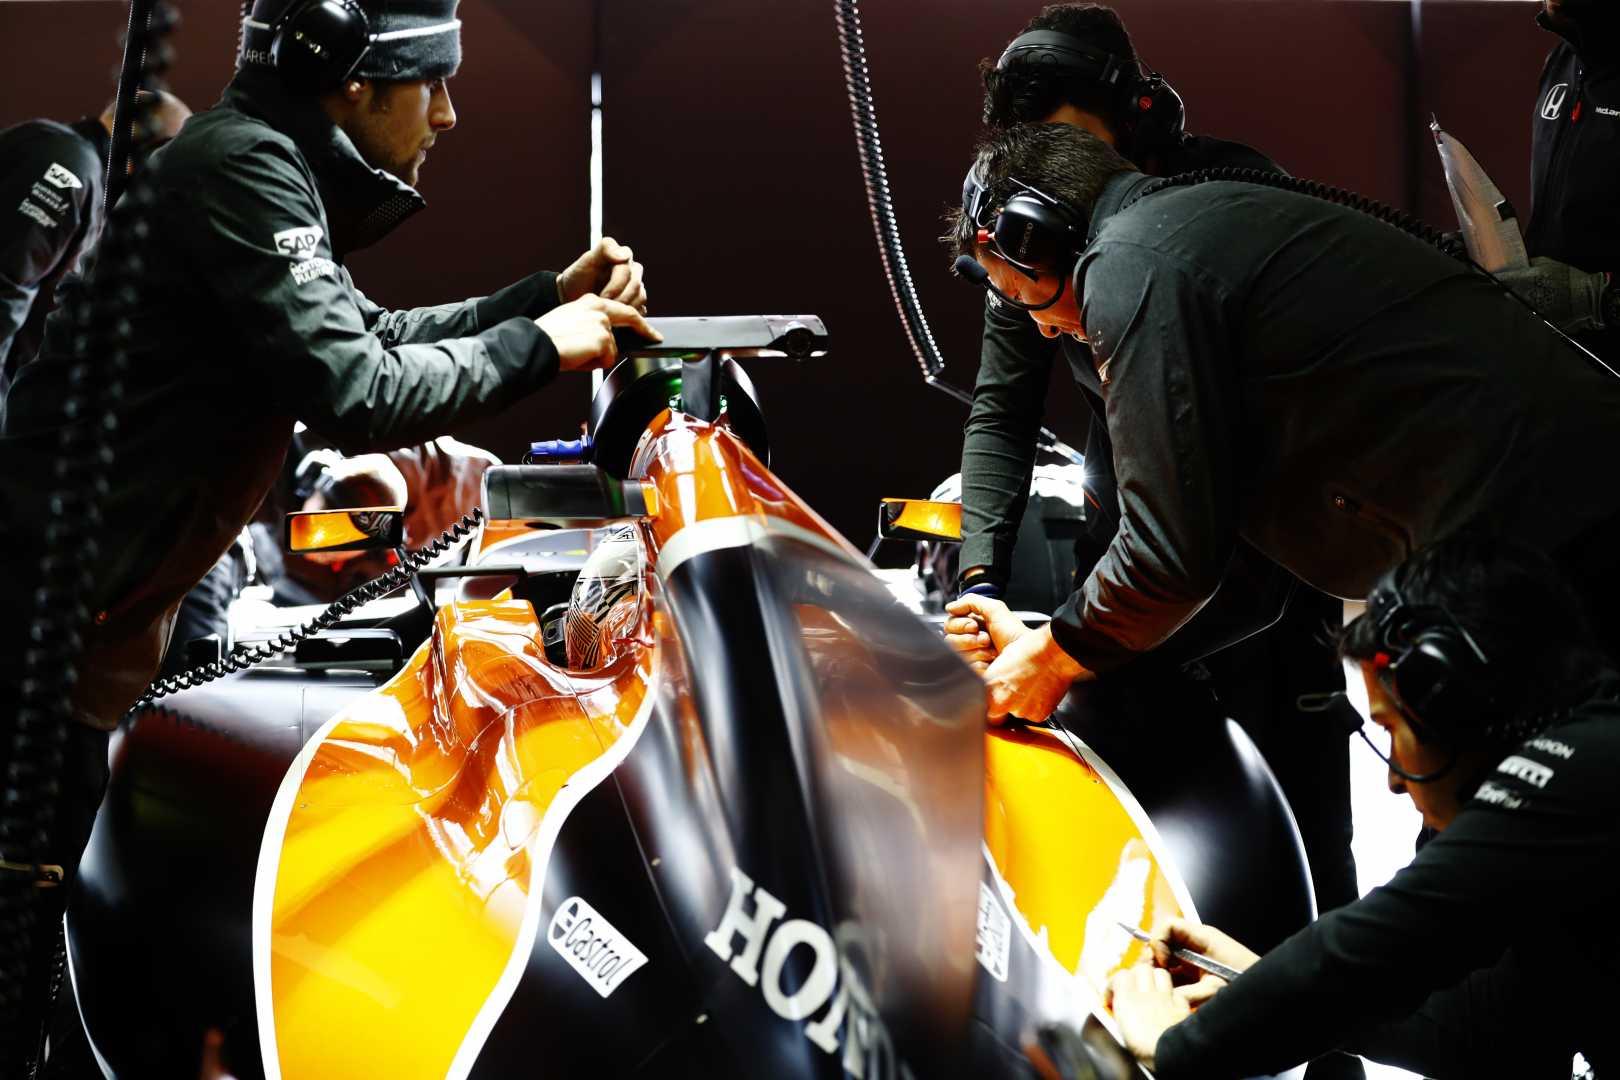 F1 Testing Circuit de Barcelona Catalunya, Spain – image courtesy of McLaren Racing.